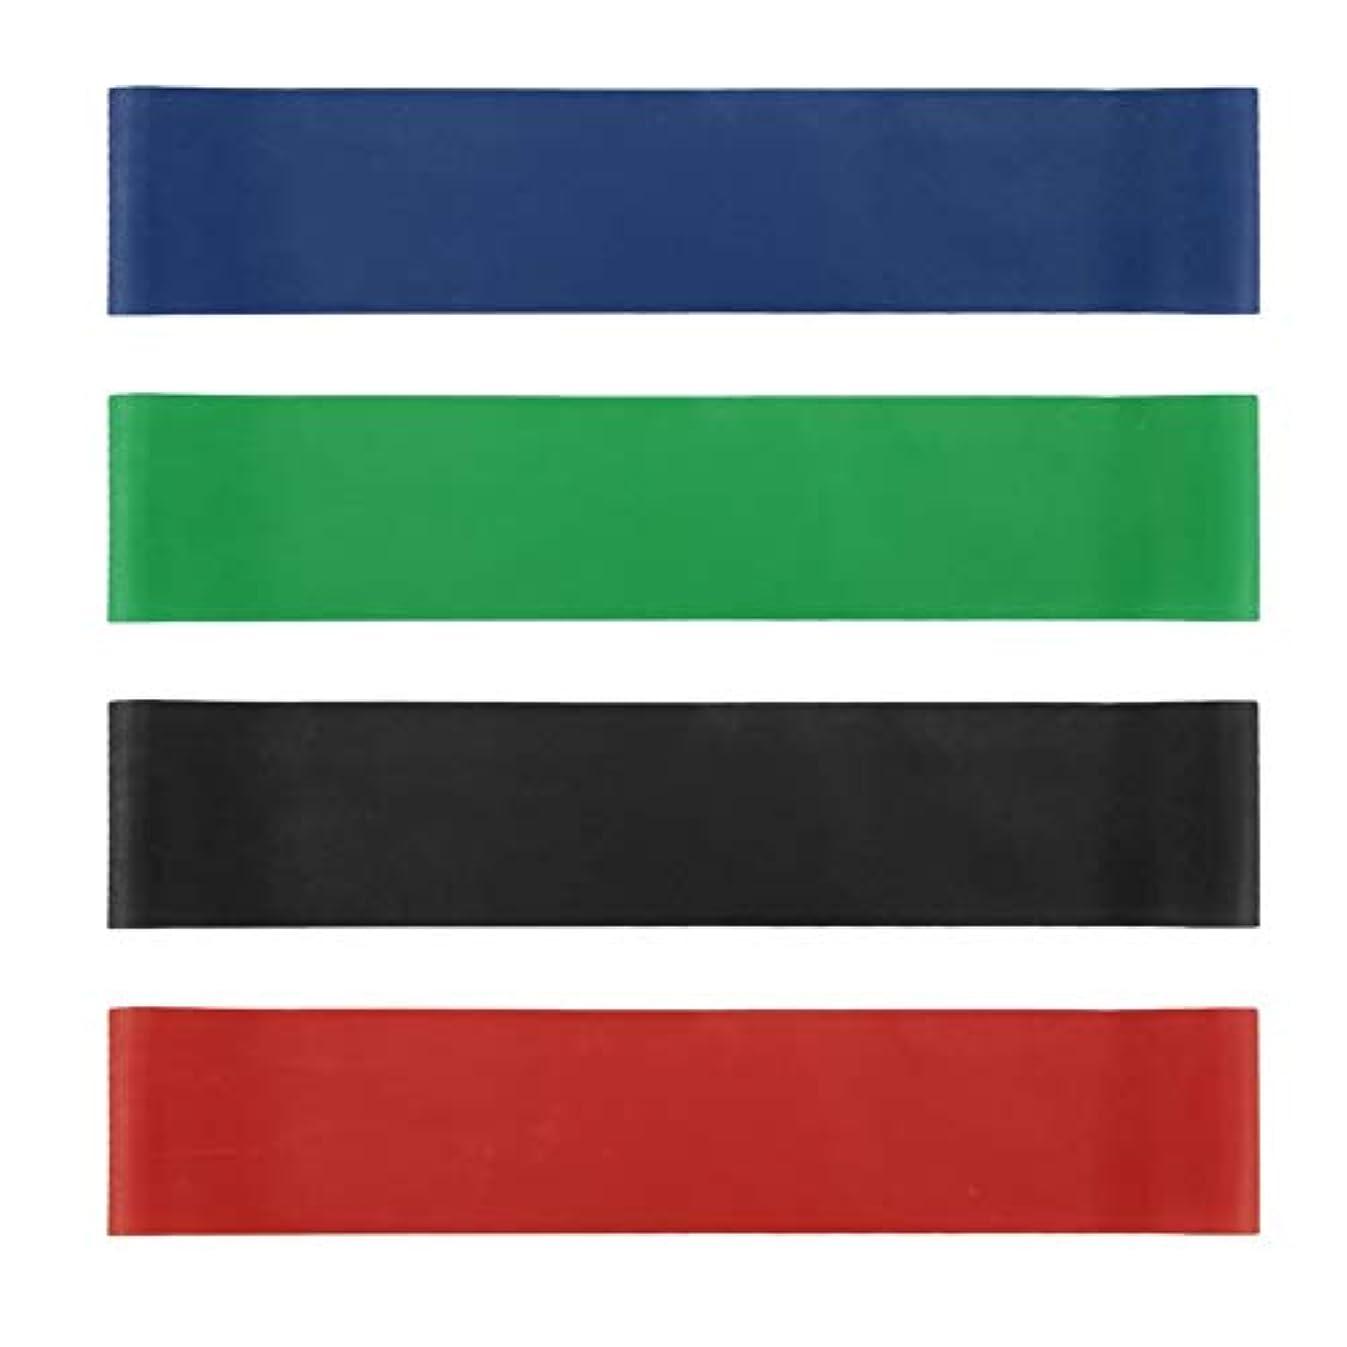 初心者冷蔵する知る4本の伸縮性ゴム弾性ヨガベルトバンドプルロープ張力抵抗バンドループ強度のフィットネスヨガツール - レッド&ブルー&グリーン&ブラック